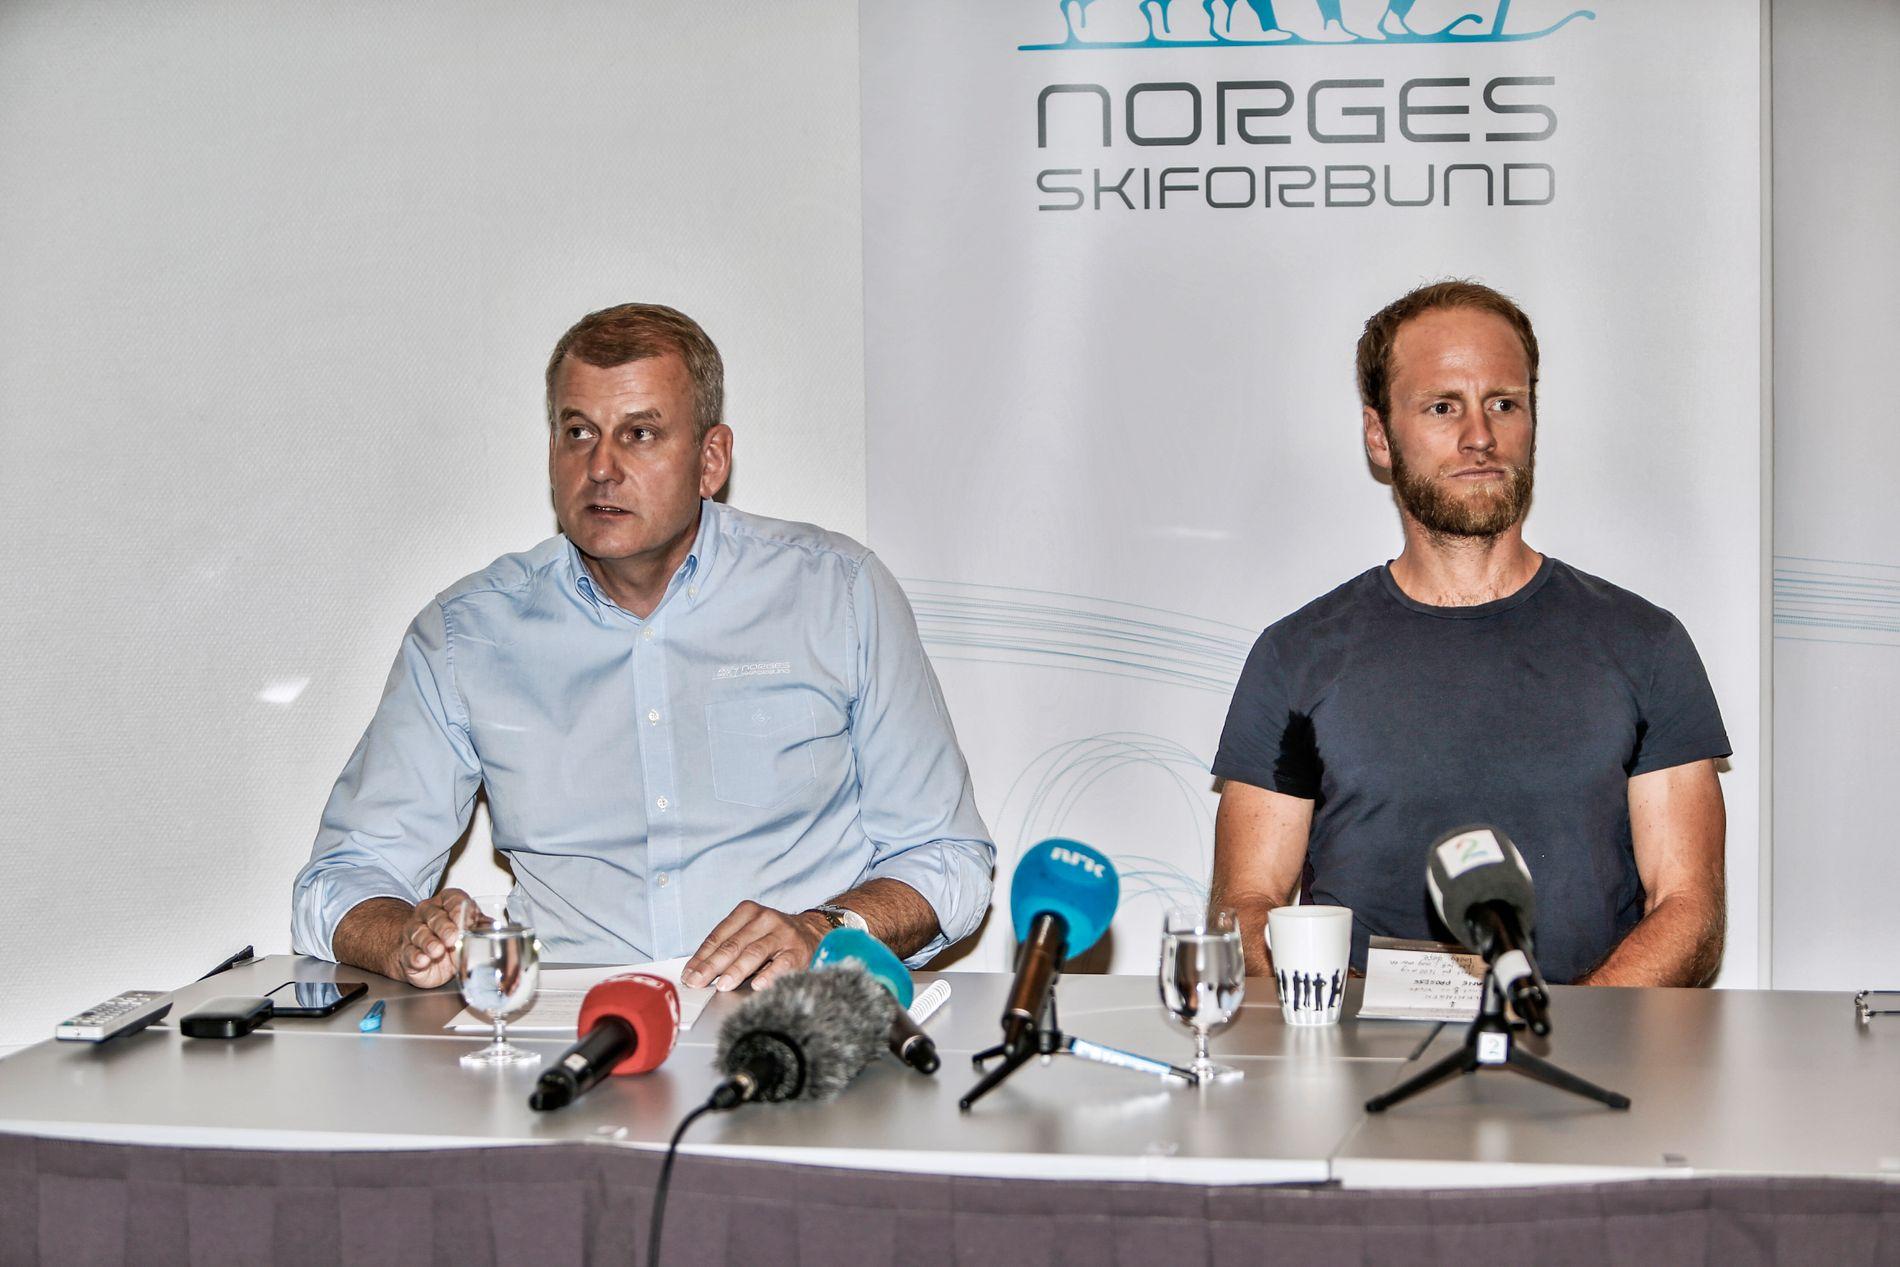 ASTMA-SJOKK: 20. juli holdt Norges Skiforbund en pressekonferanse hvor blant andre skipresident Erik Røste (t.v.) deltok da de fortalte at Martin Johnsrud Sundby (t.h.) hadde blitt utestengt i to måneder for brudd på dopingreglene i forbindelse med bruk av astmamedisiner.